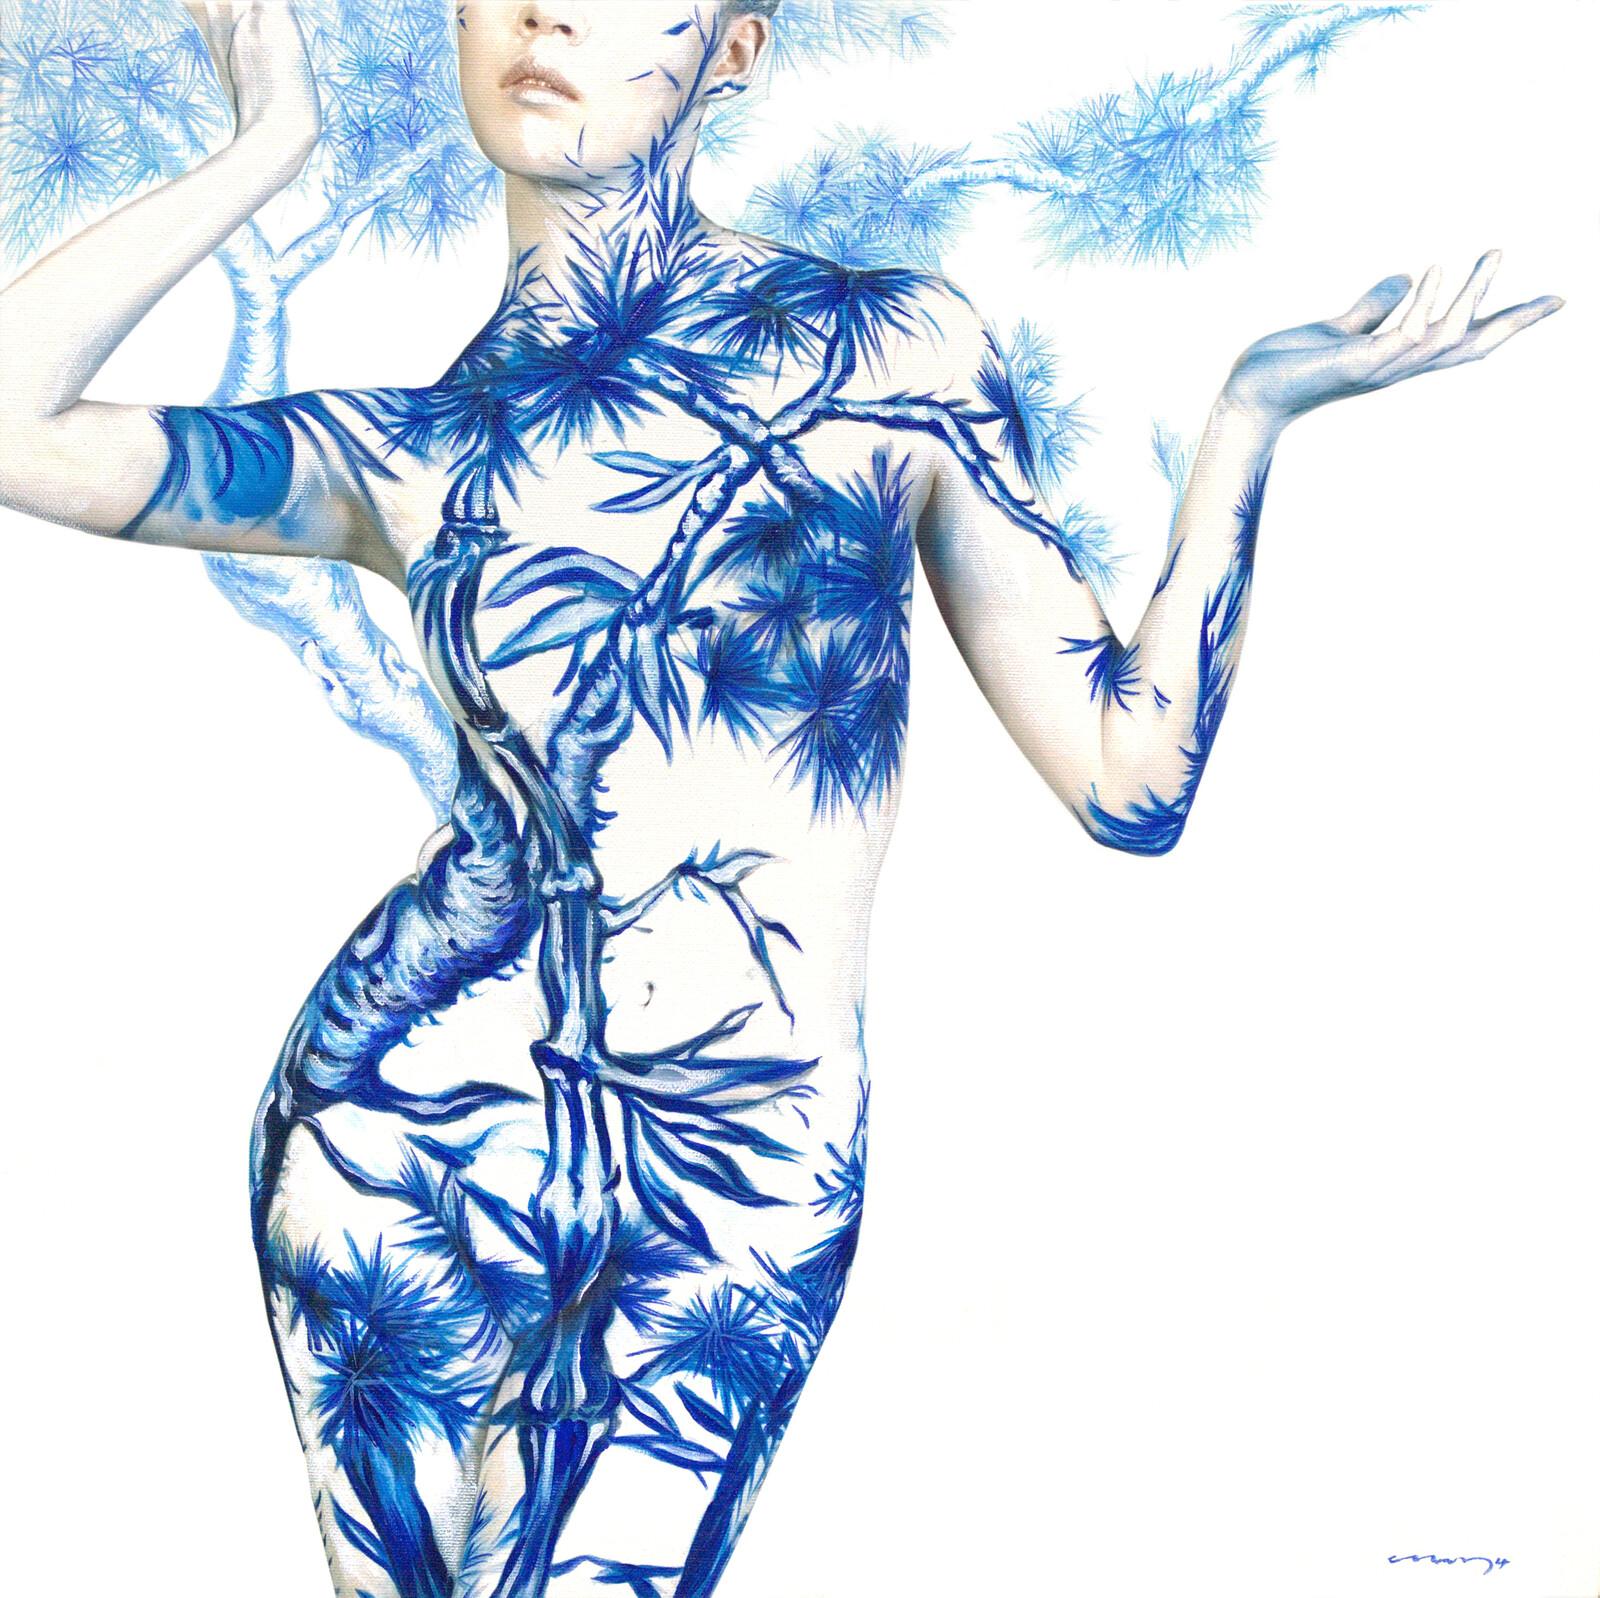 Blue White Porcelain 03 - Dallae Bae